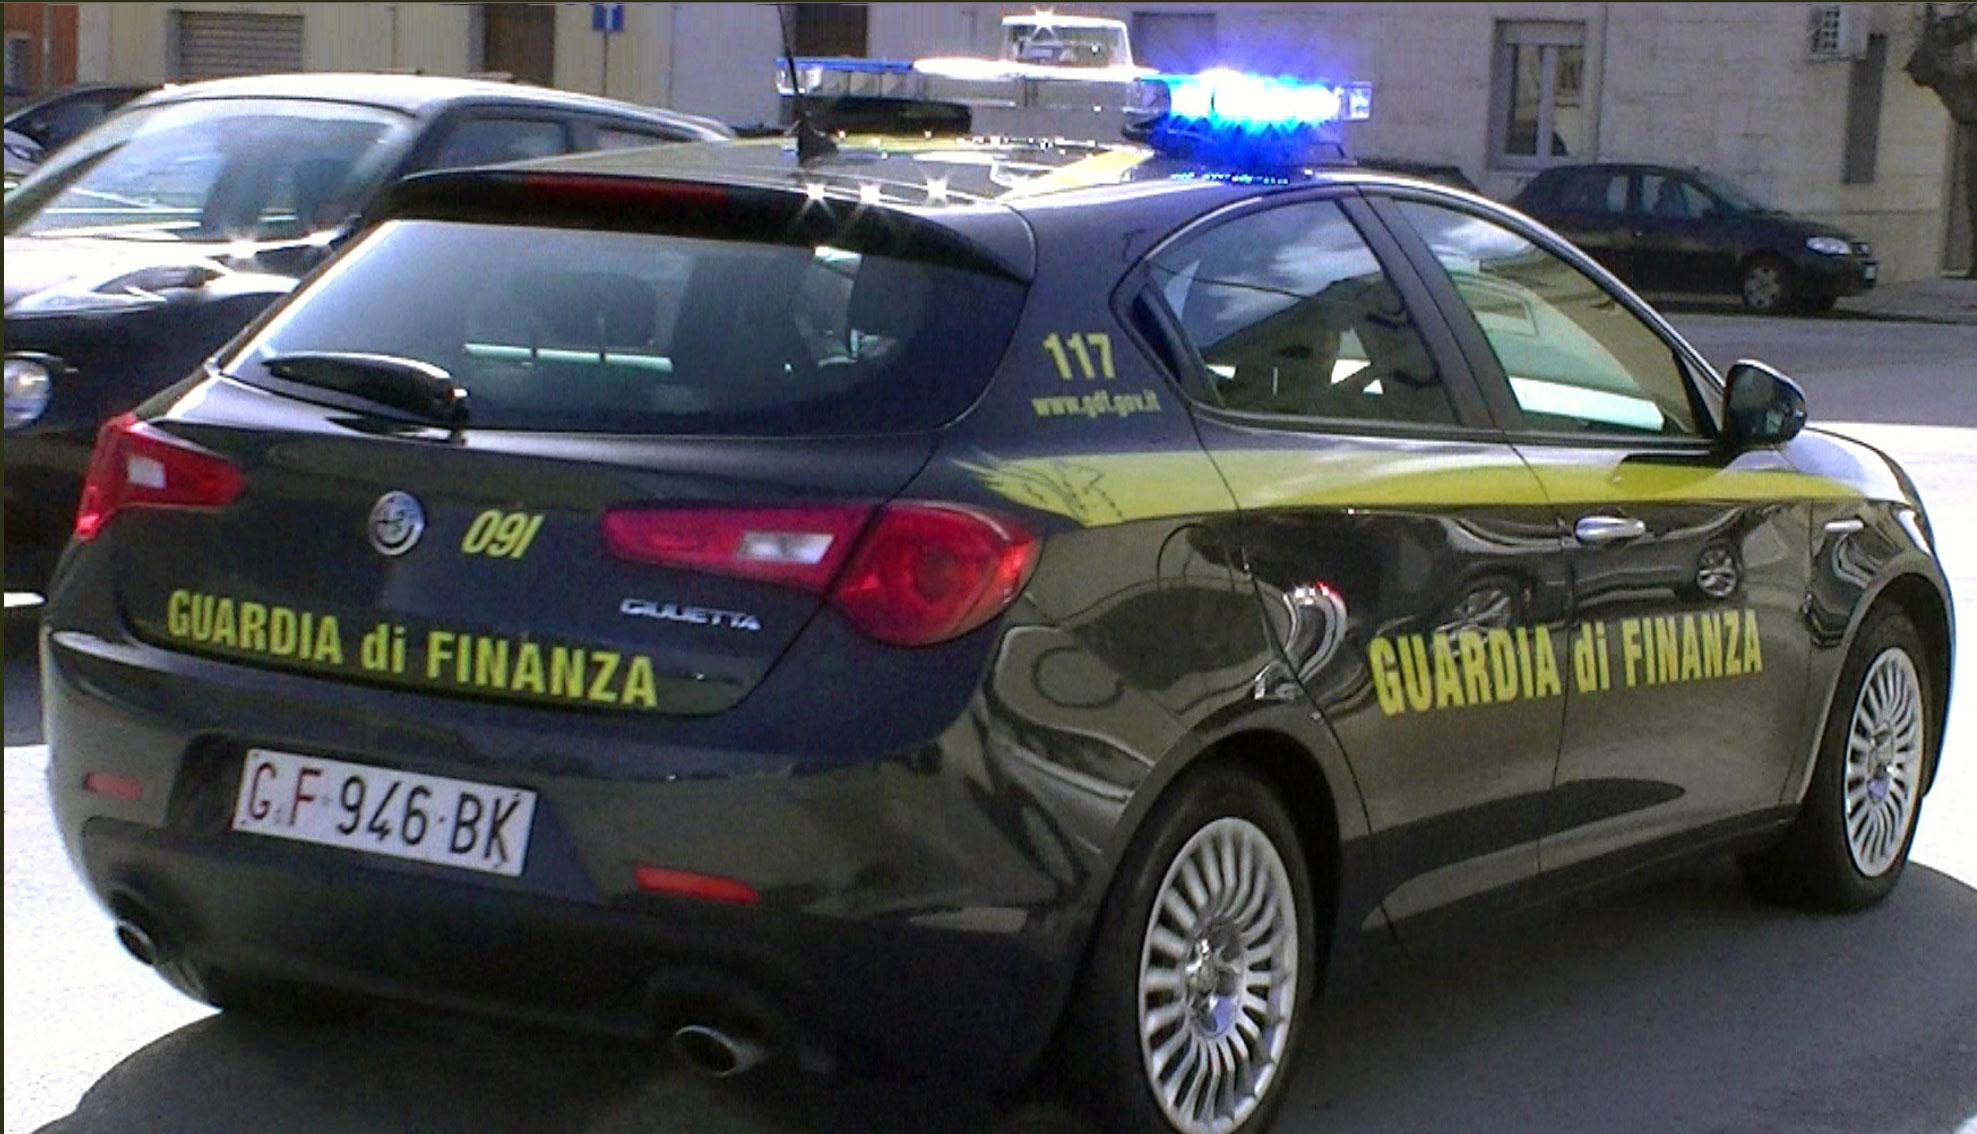 Migranti, Onlus nel mirino. 11 arresti per truffa